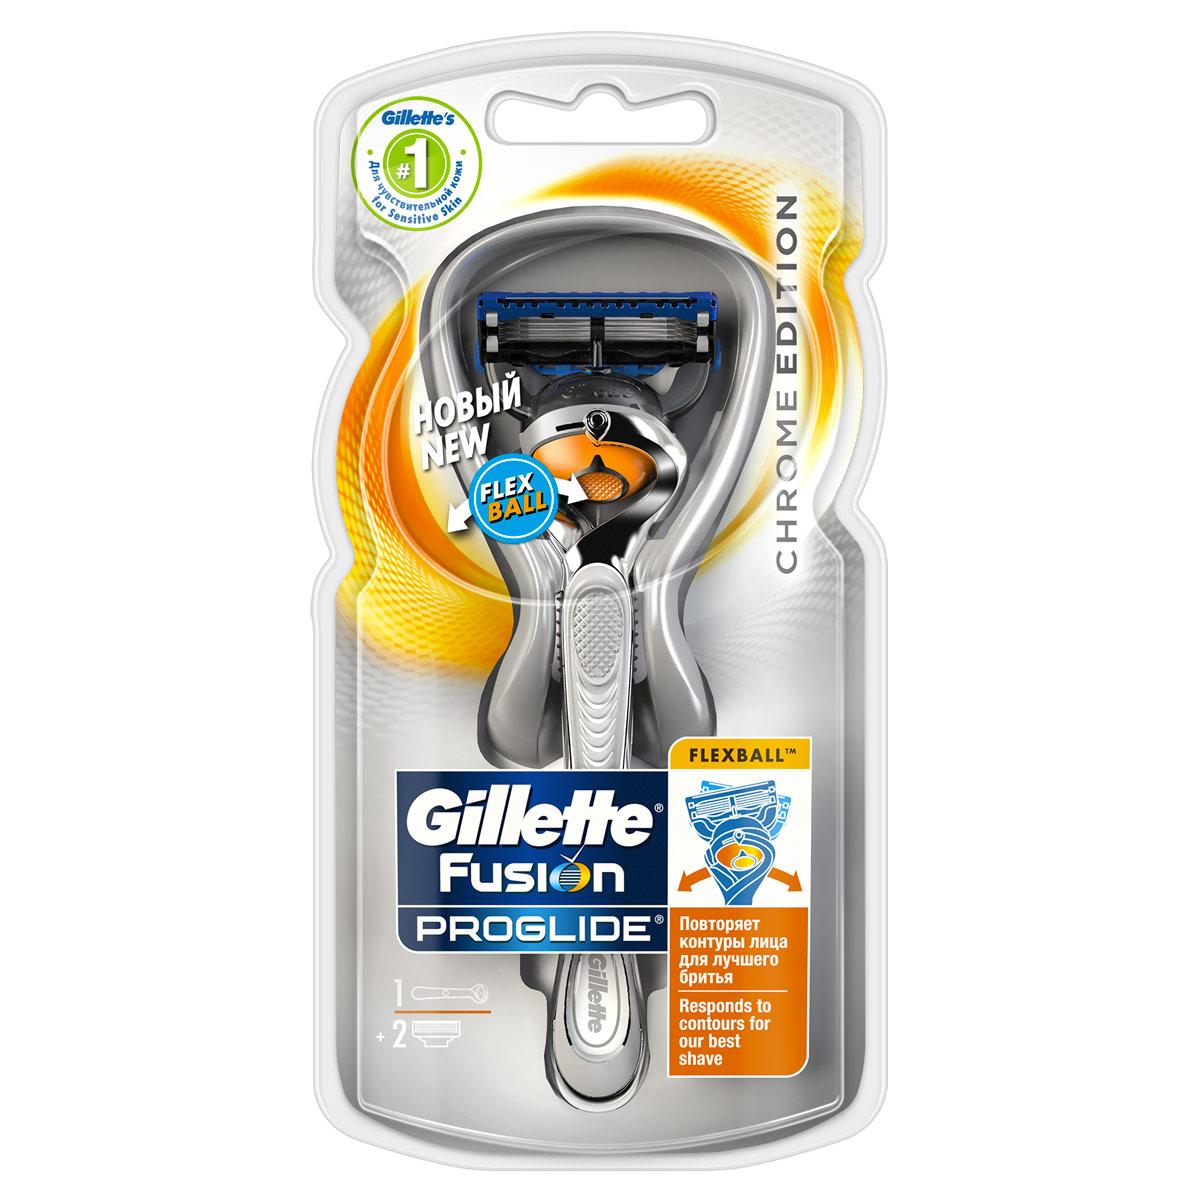 Gillette Бритва Fusion ProGlide с технологией FlexBall в хромовом исполнении (с дополнительной сменной кассетой)